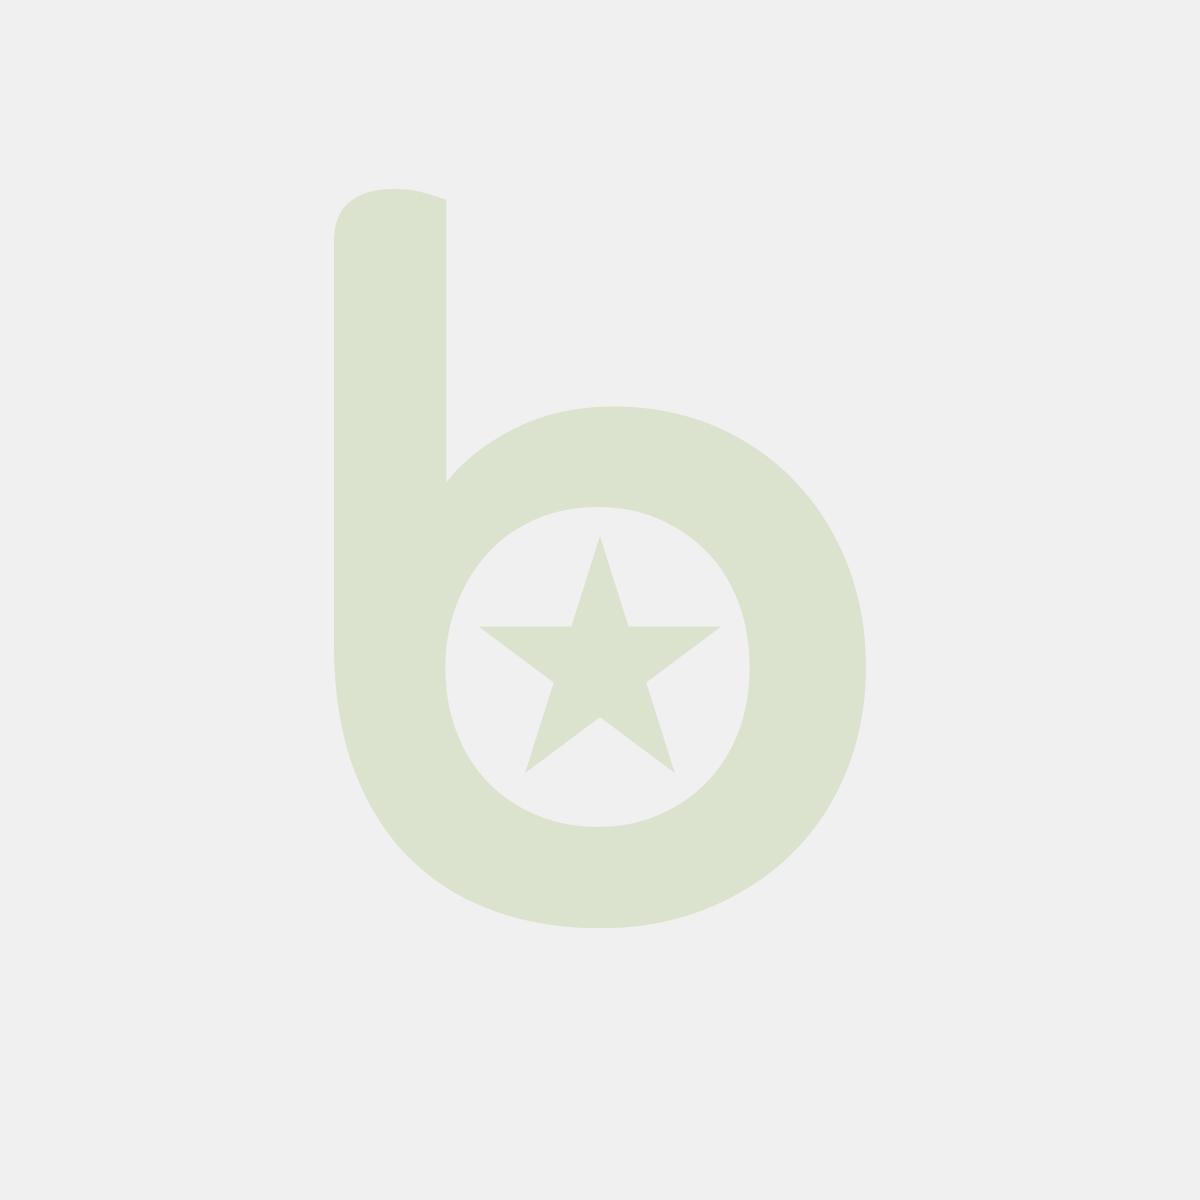 Ekspres do kawy automatyczny Profi Line - czarny - kod - 208892